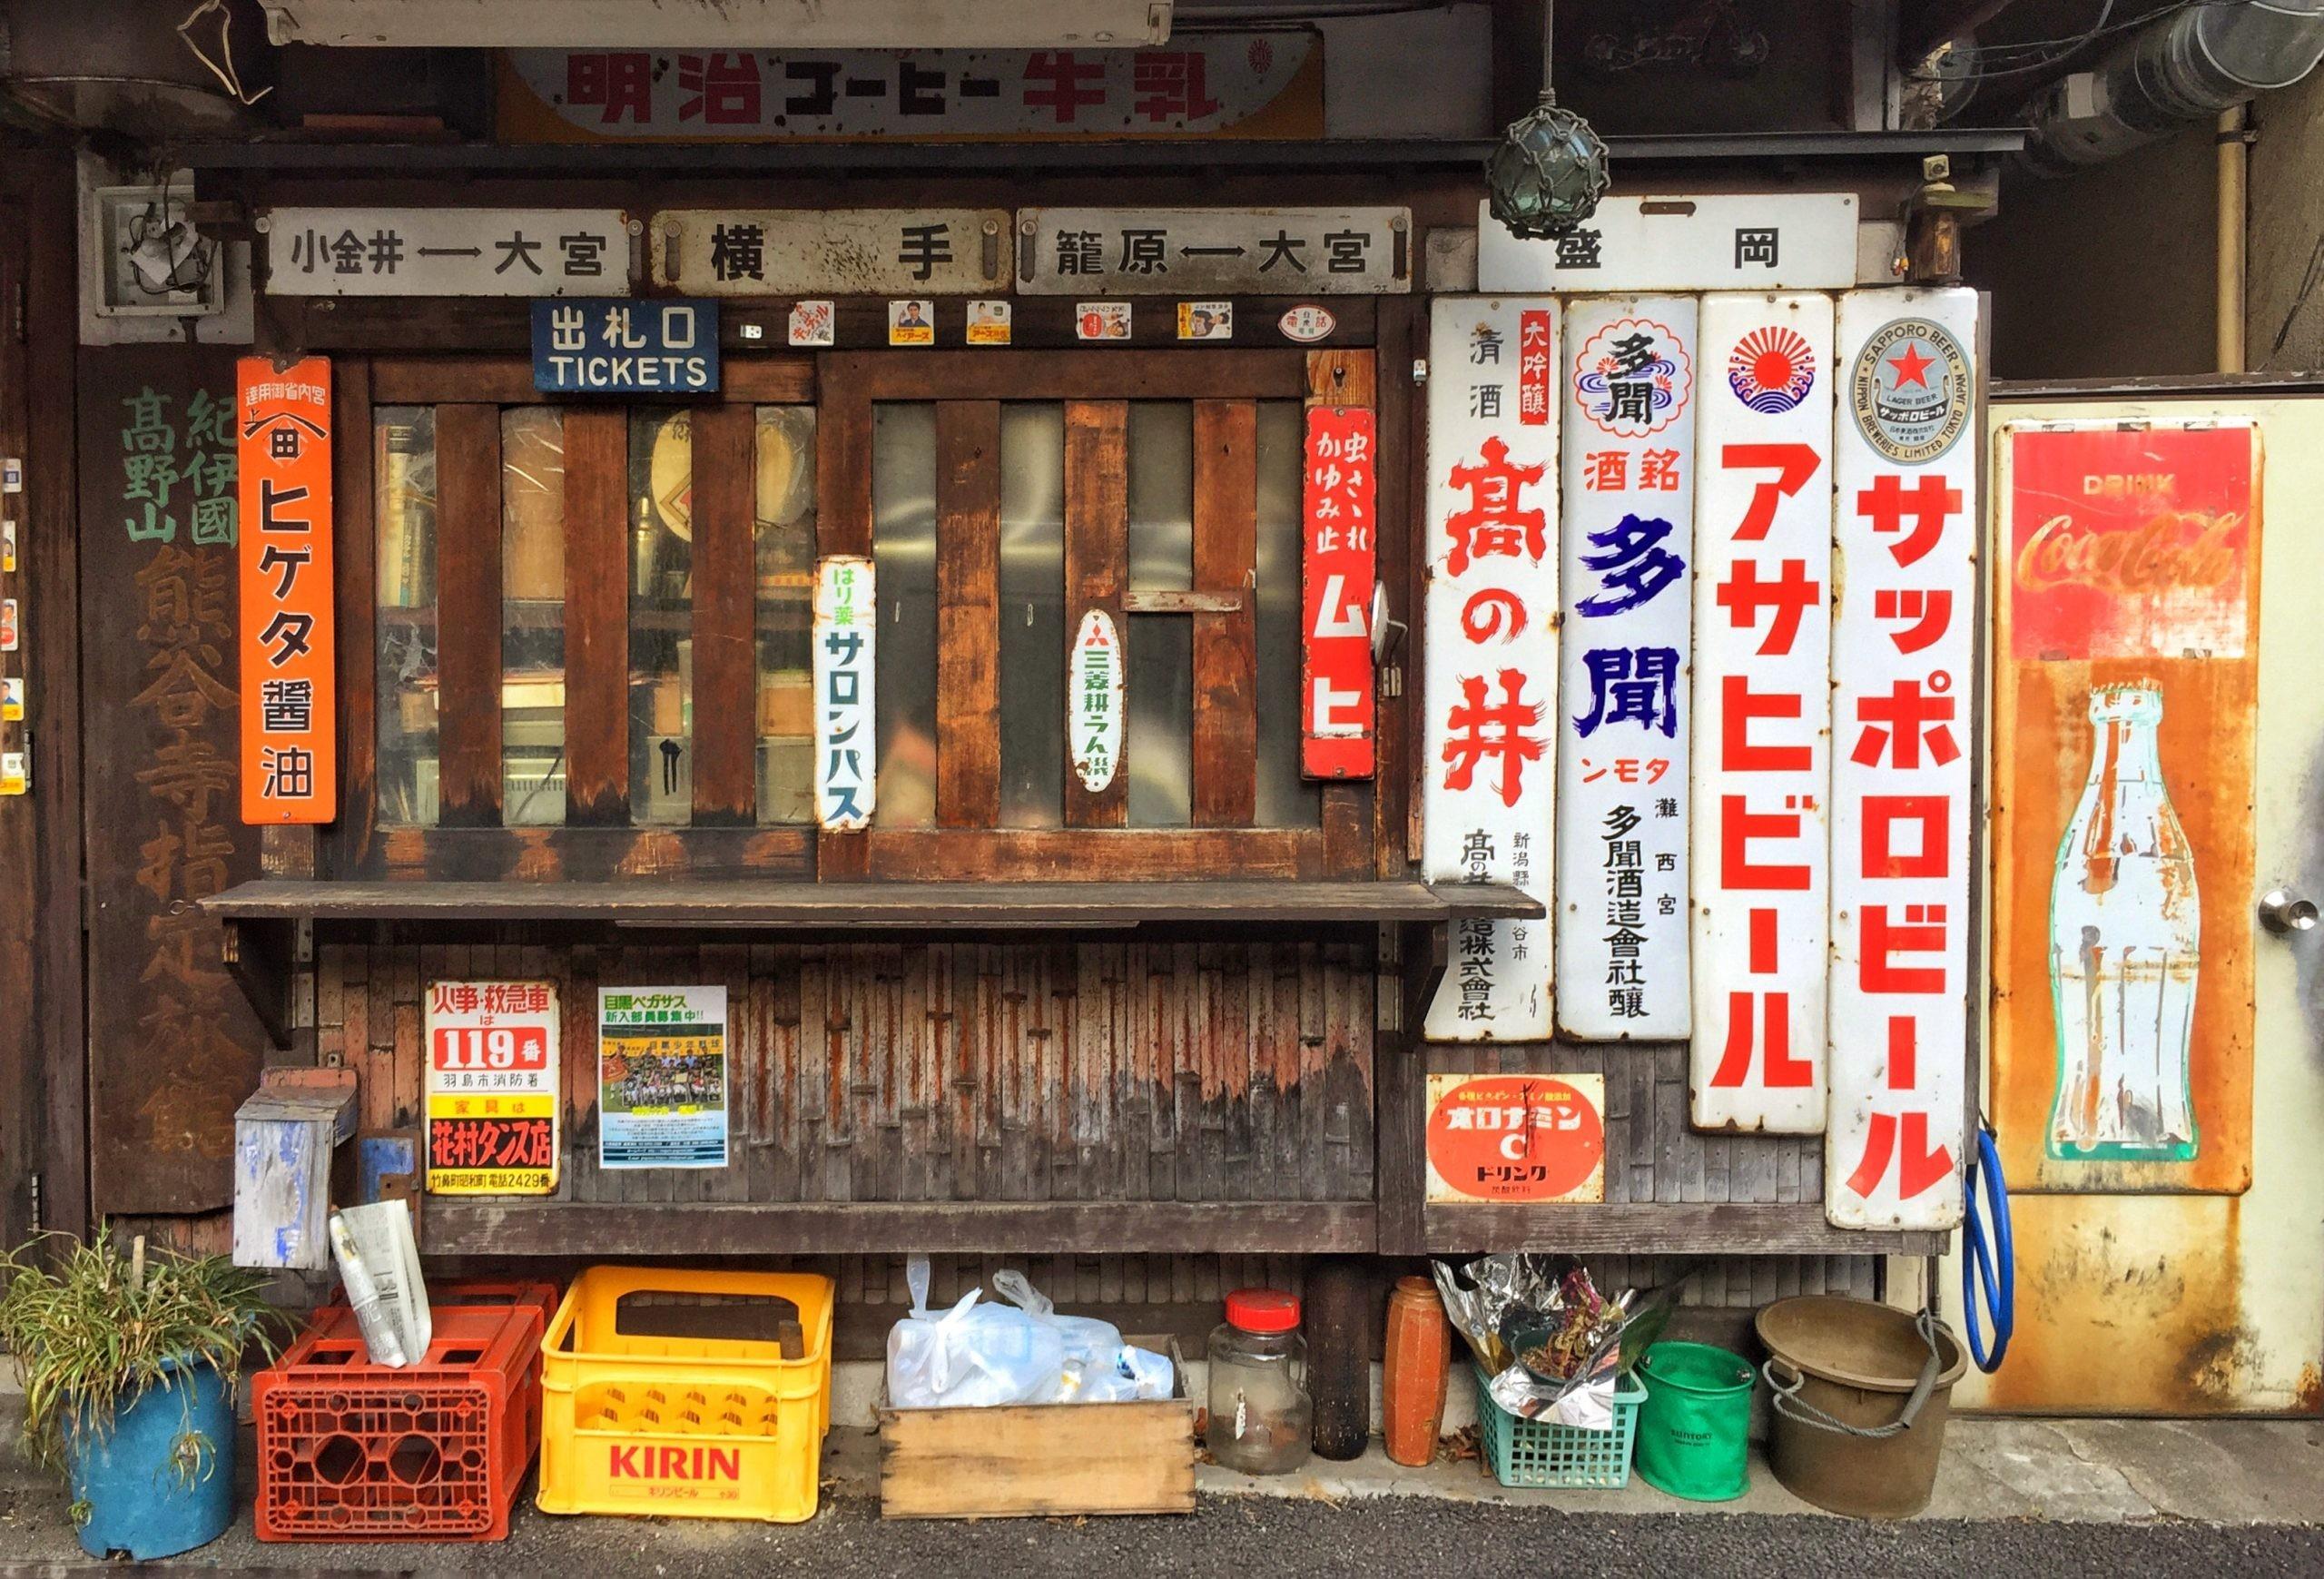 Rorisu in Japan